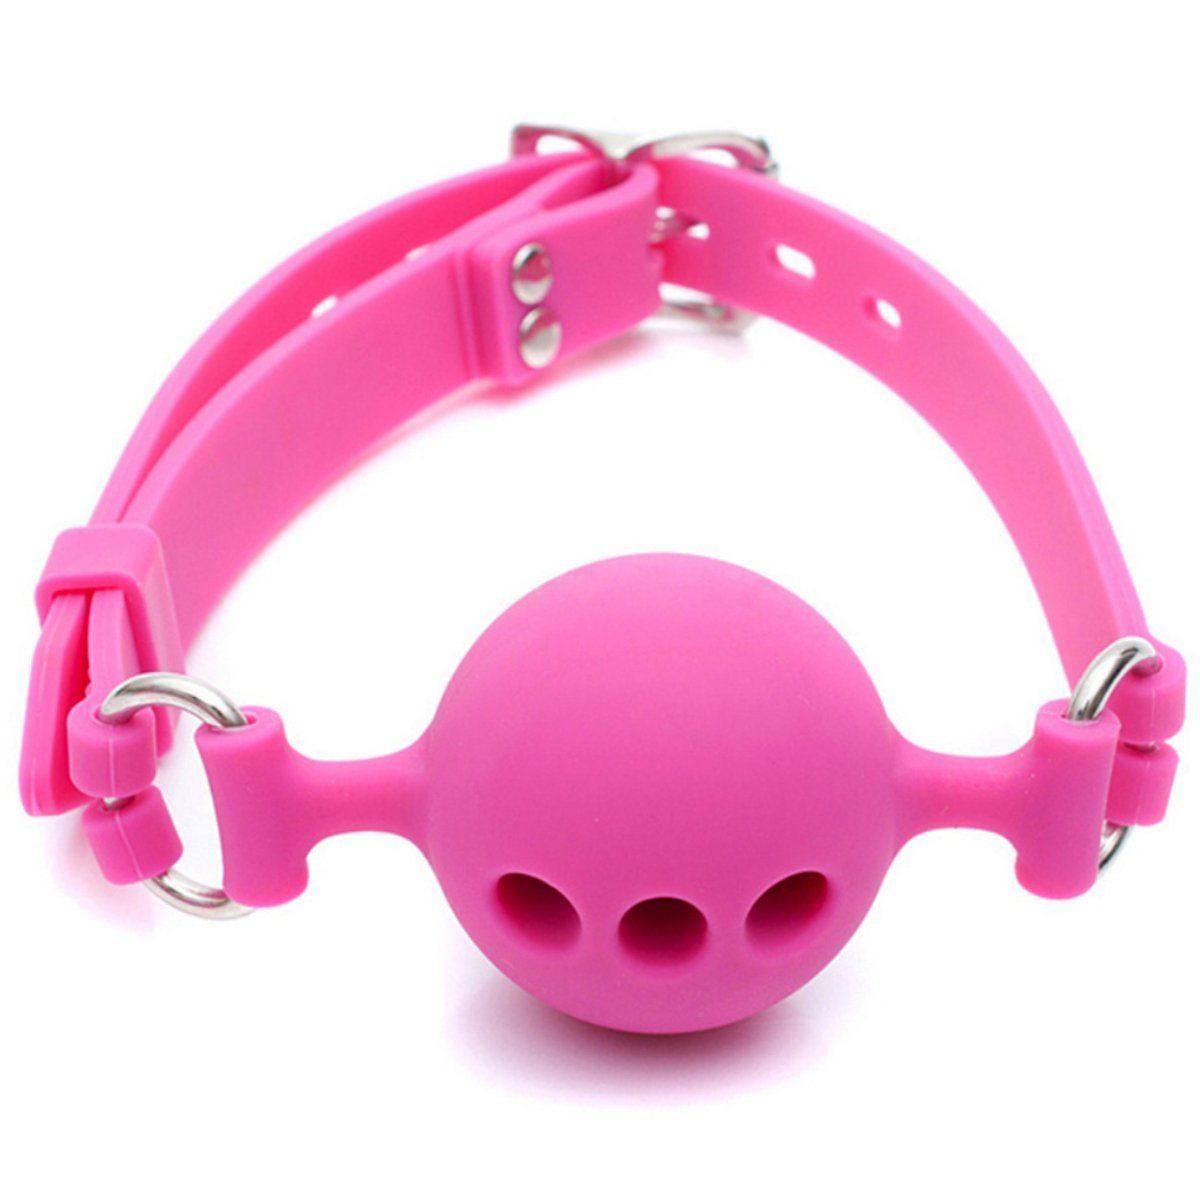 Pink szilikon szájgolyó, állítható pánttal